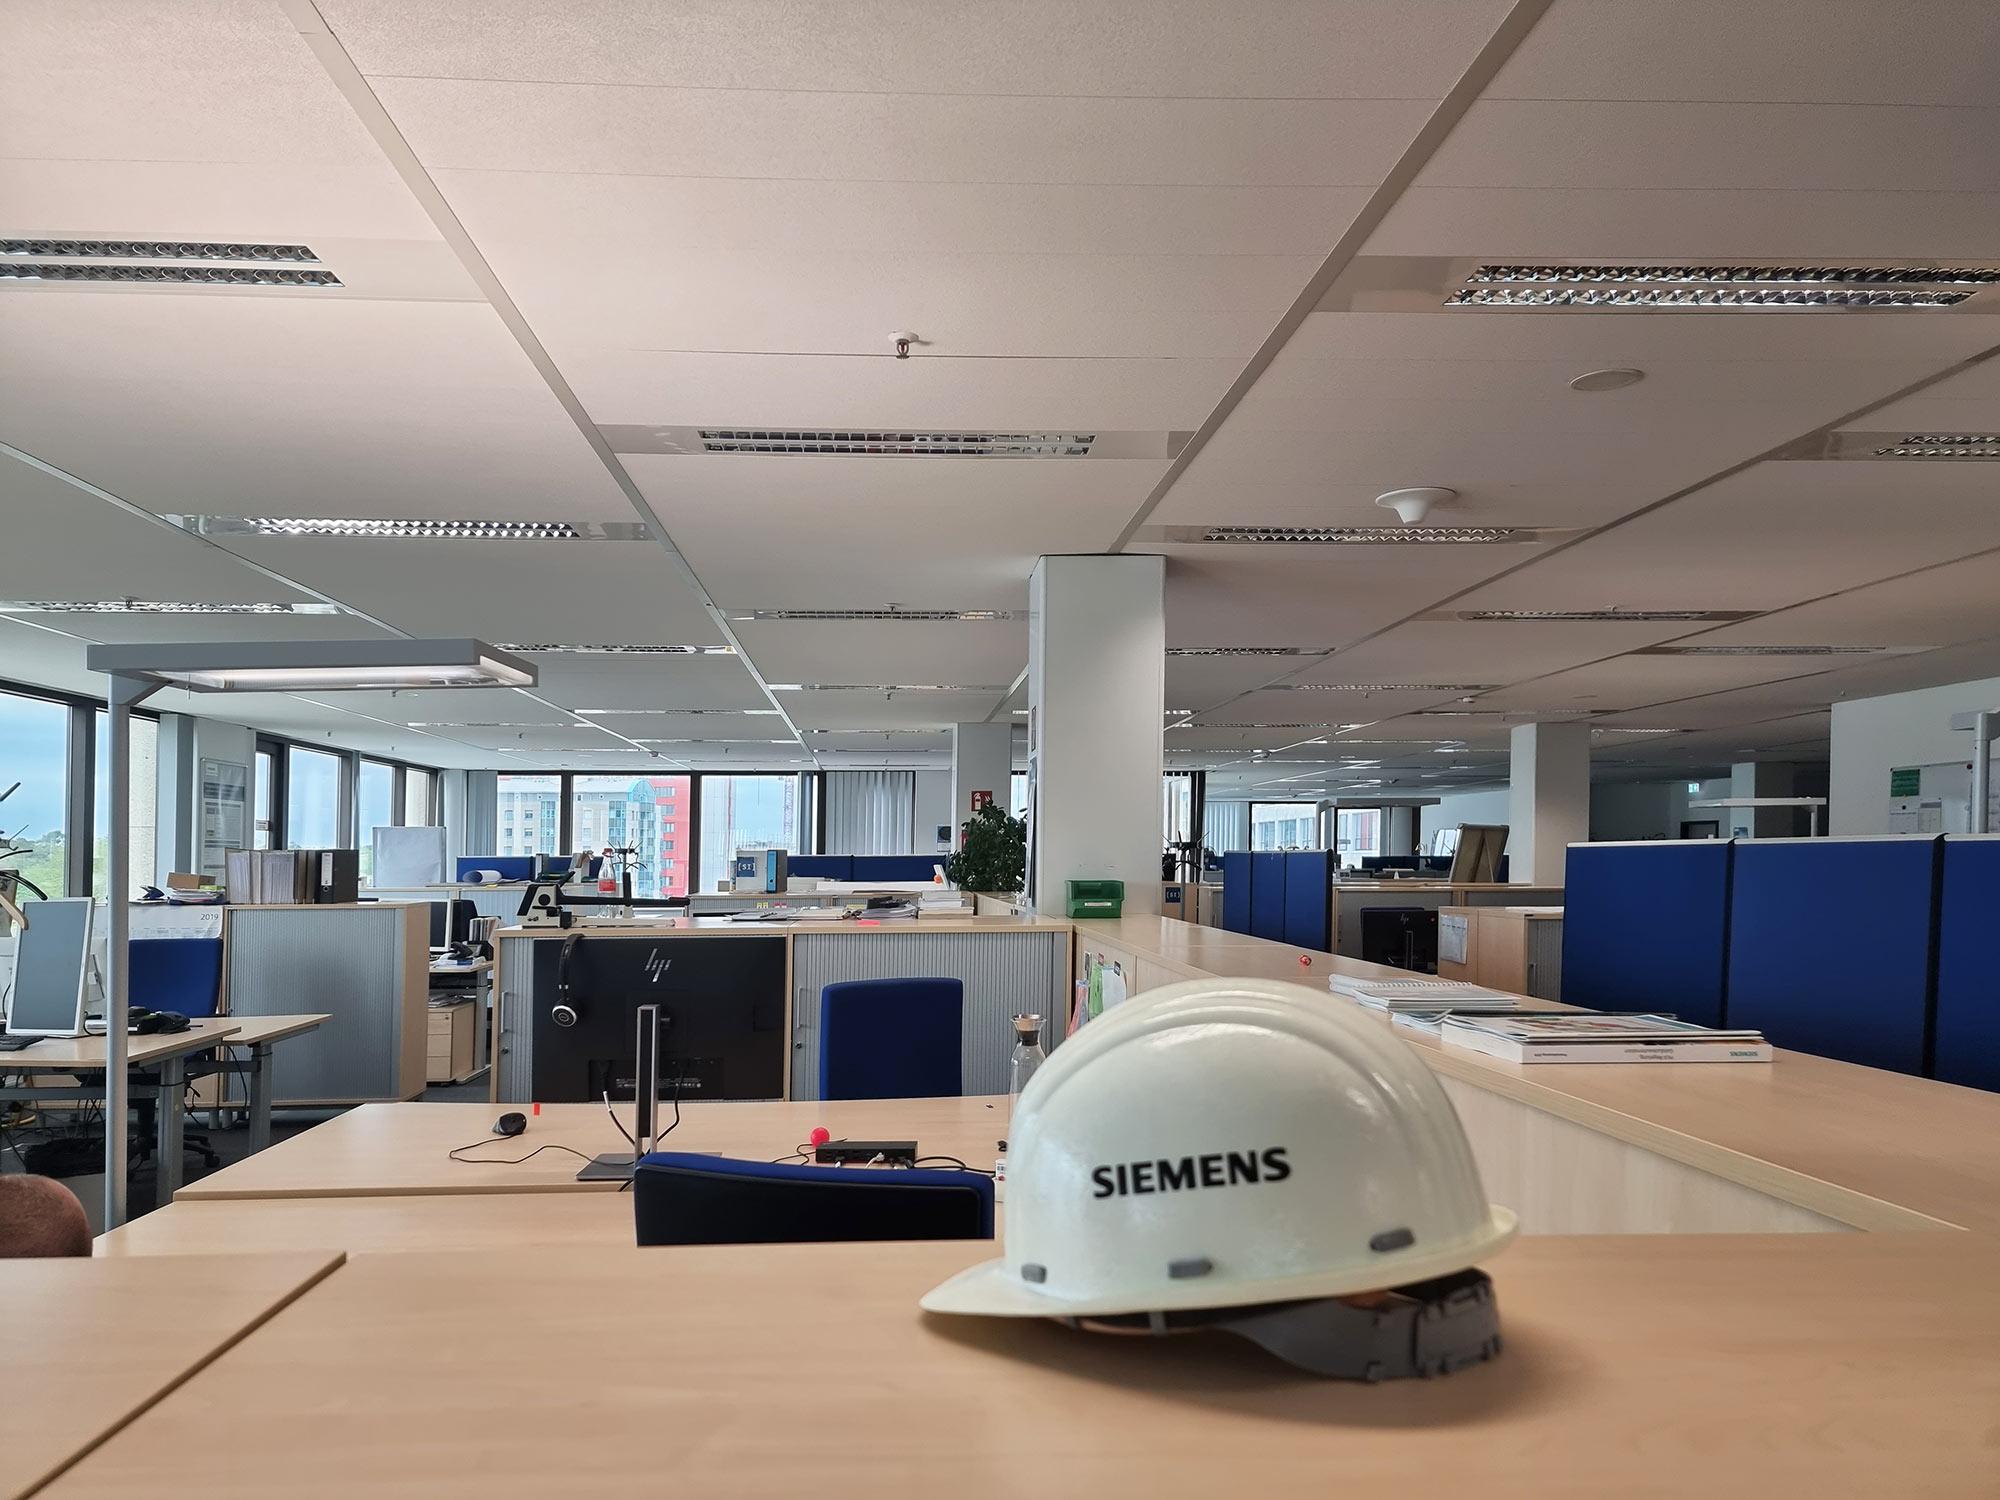 Siemens Frankfurt Büro - Siemens Smart Infrastructure - Siemens Gebäudeautomation - Baustellenhelm